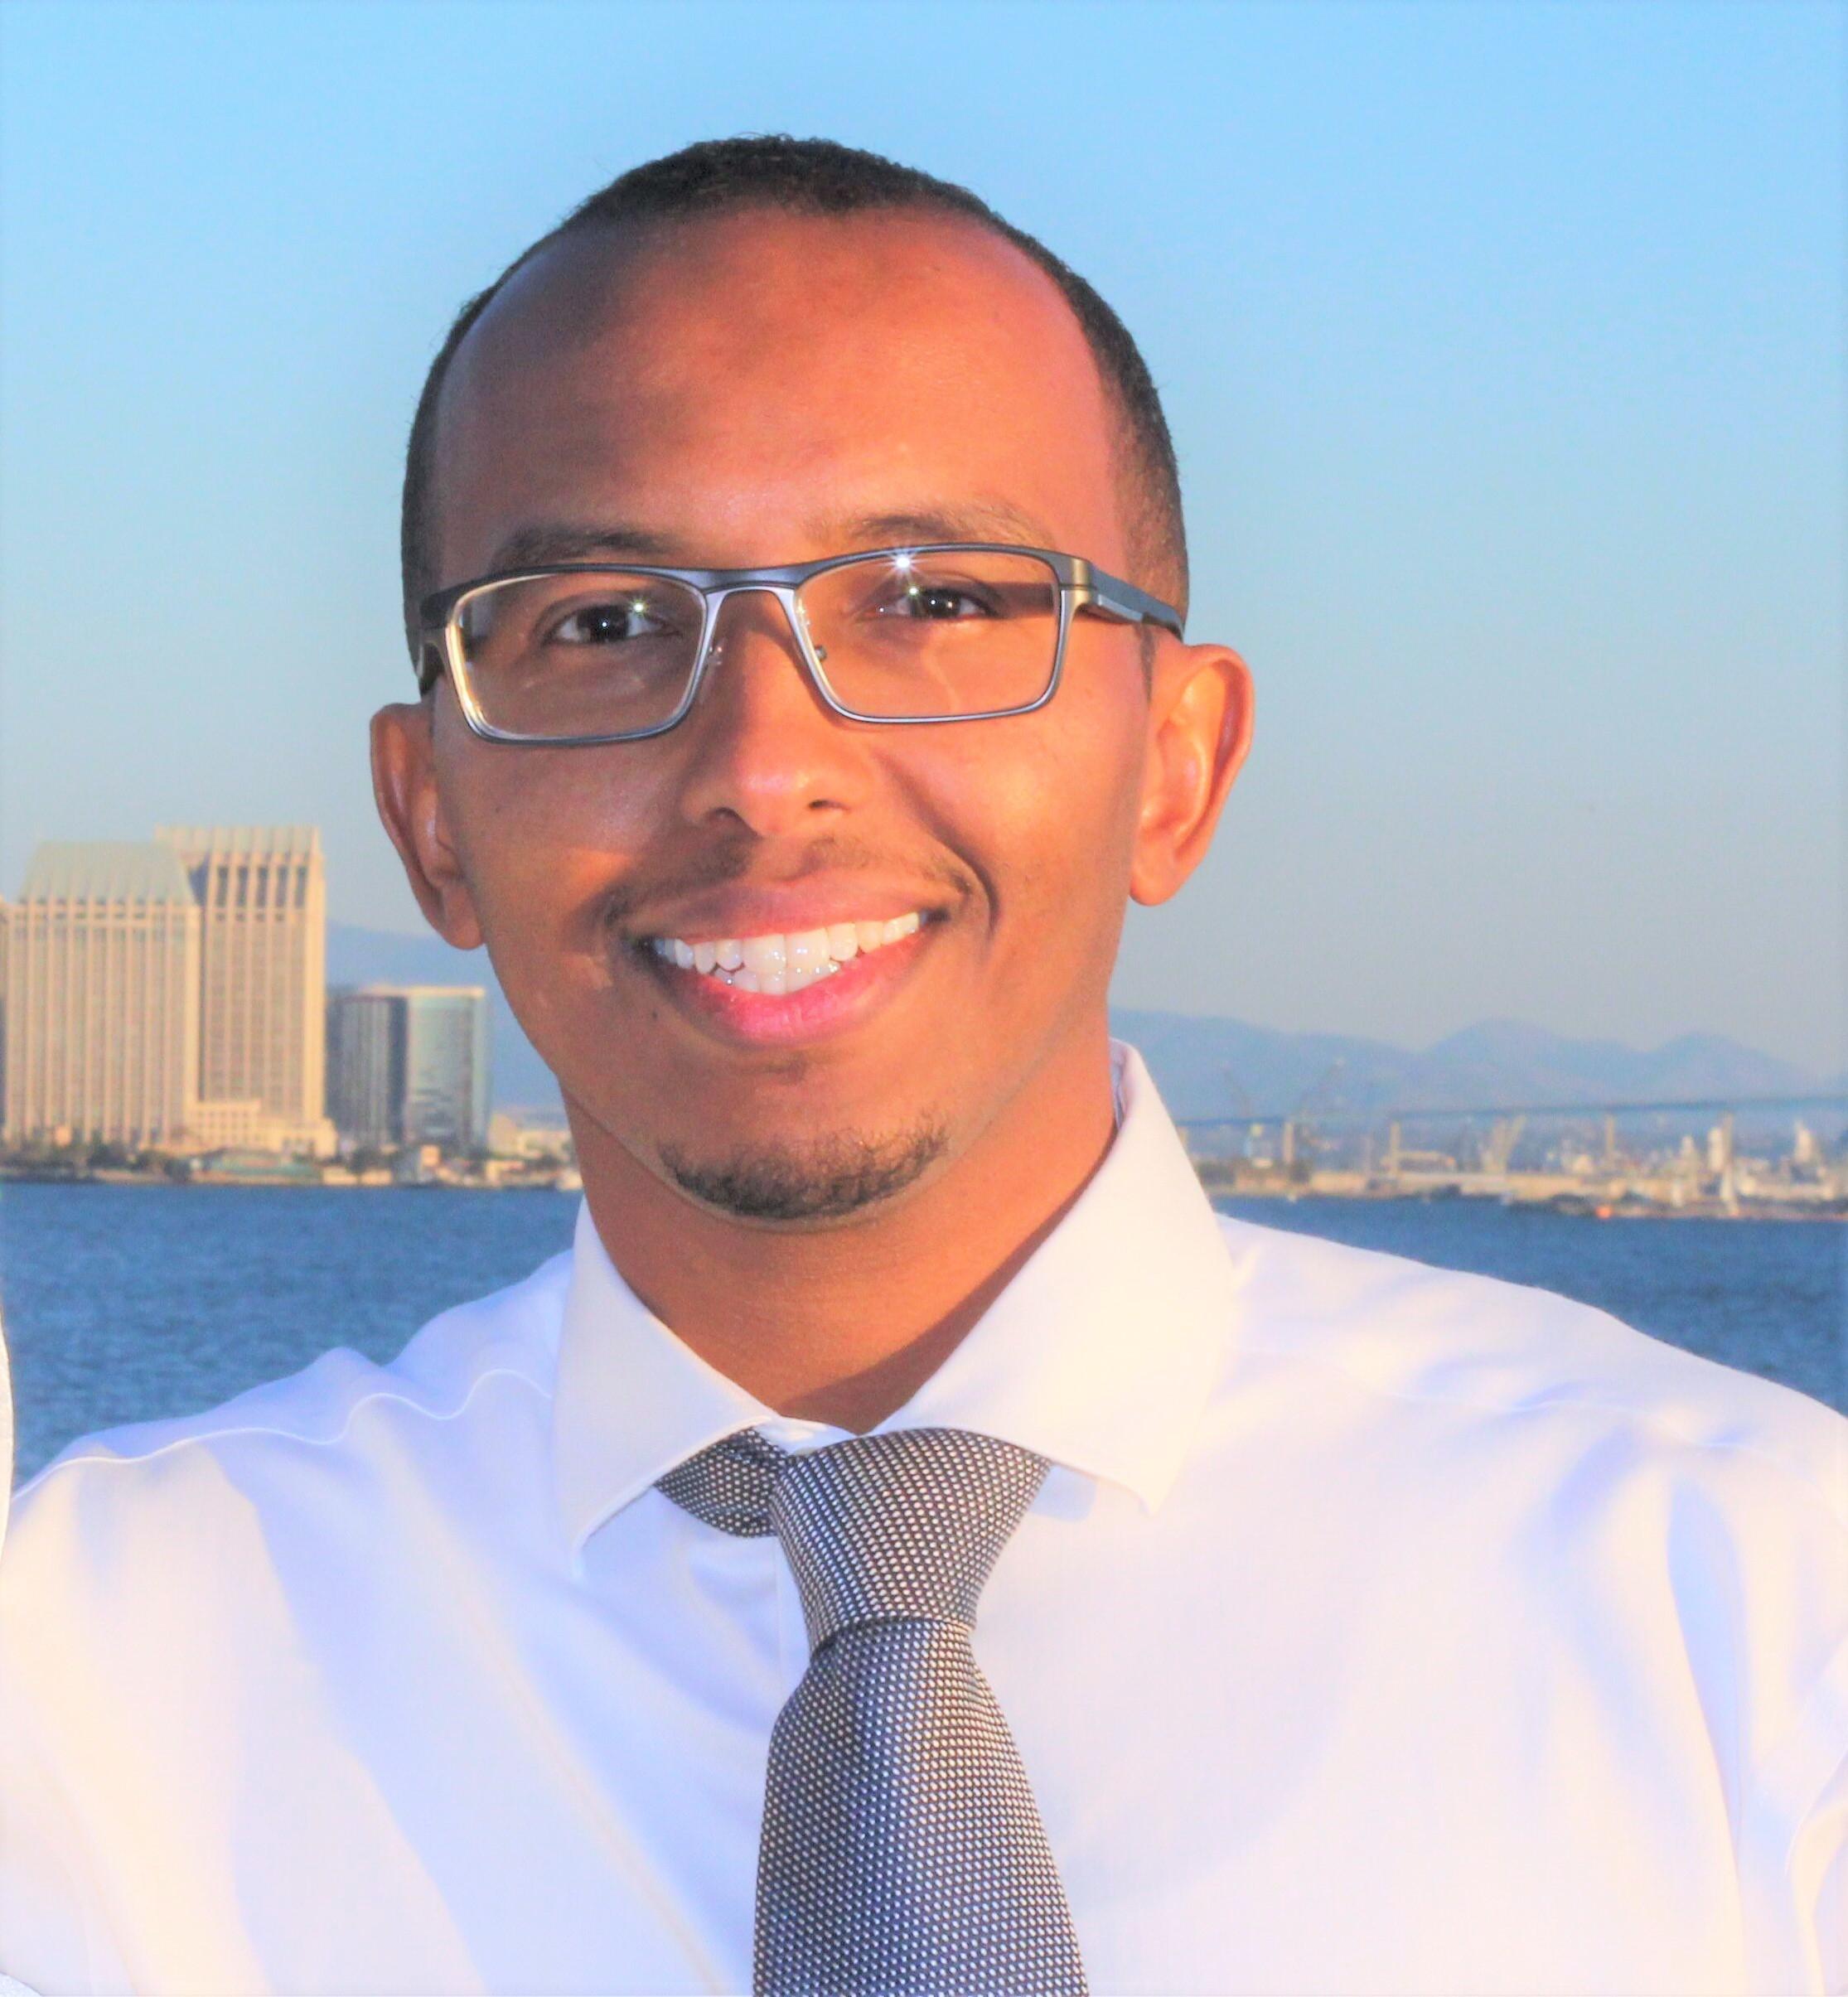 Abdul Sayid